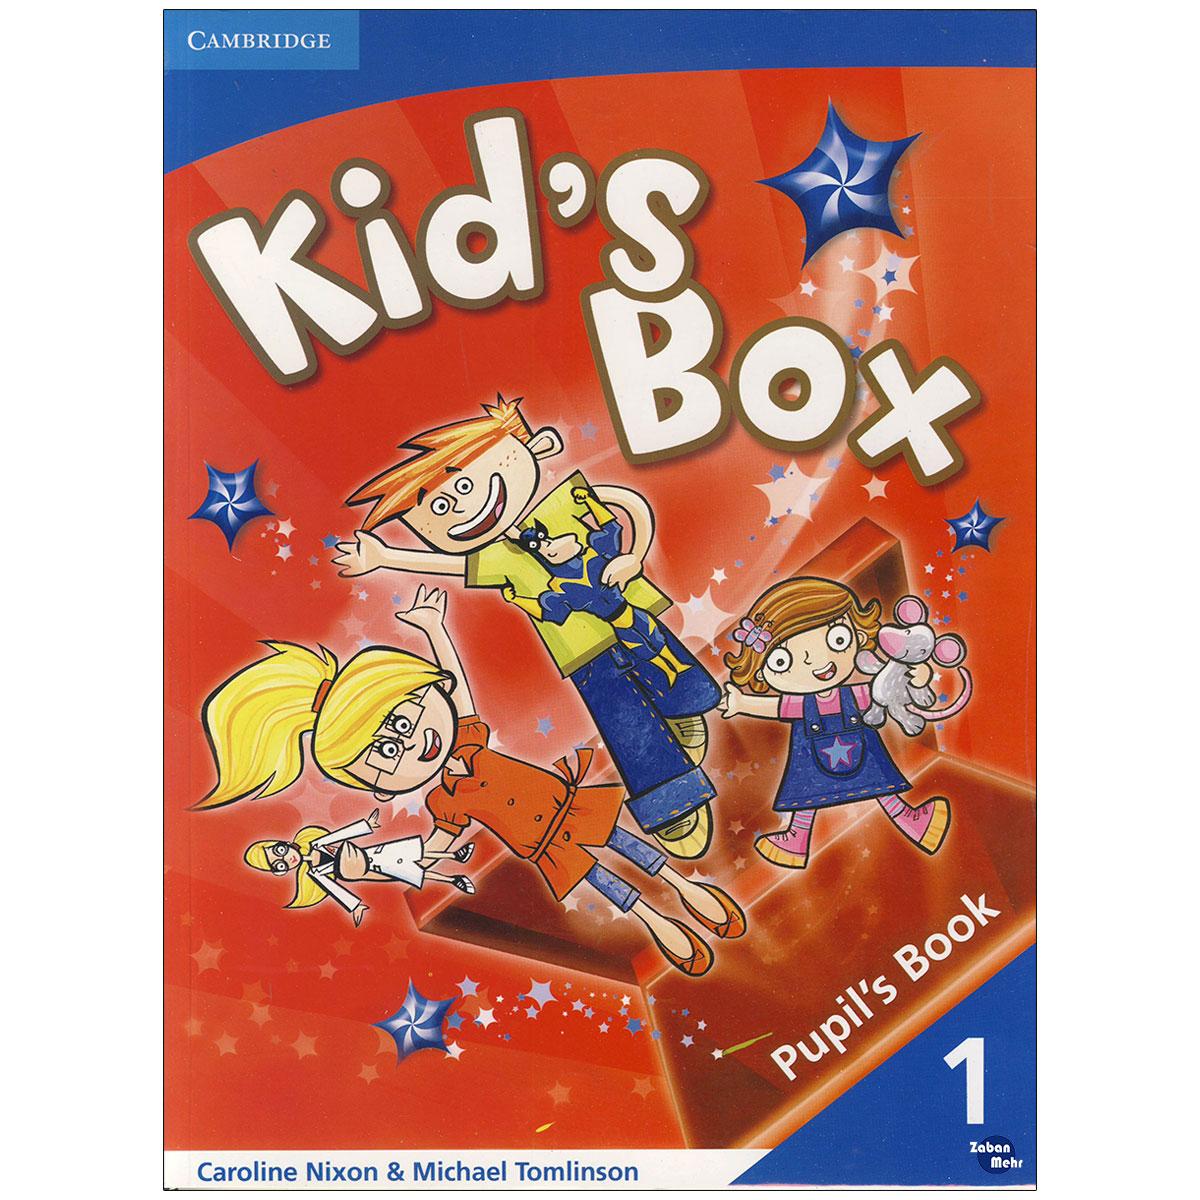 کتاب Kids Box 1 اثر Caroline Nixon and Michael Tomlinson انتشارات زبان مهر